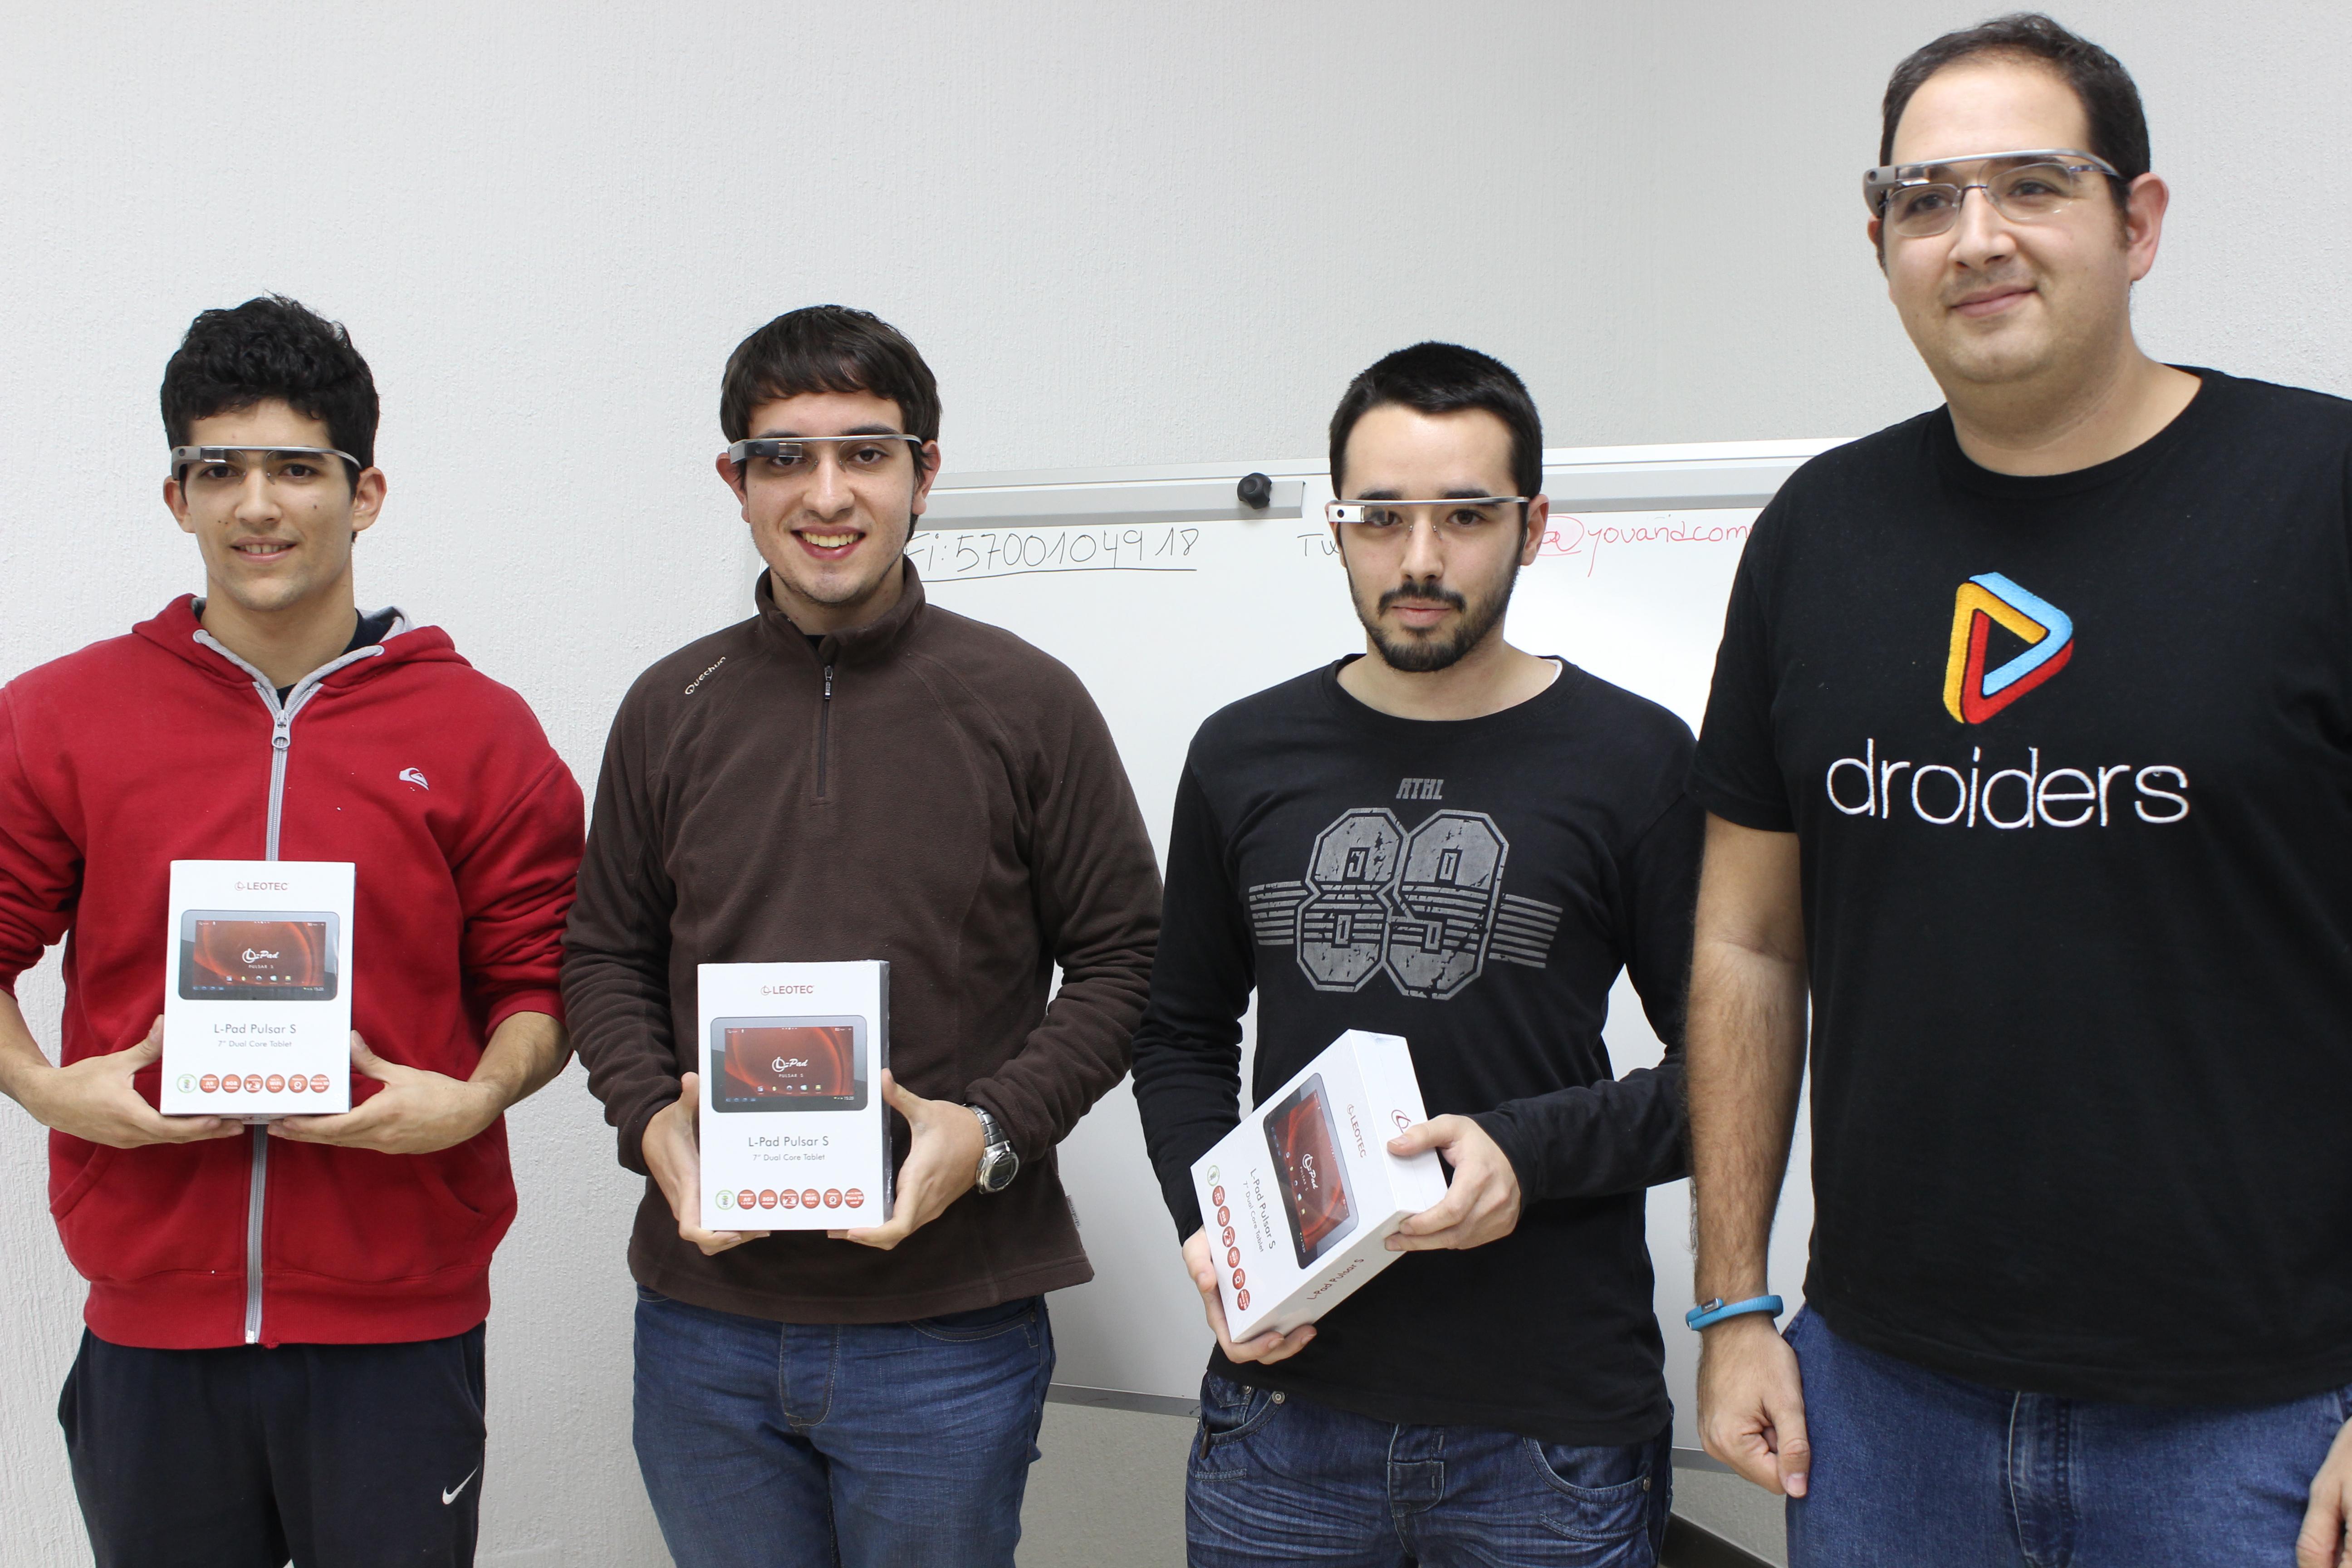 Hangman fue la aplicación ganadora en el primer hackathon con Google Glass